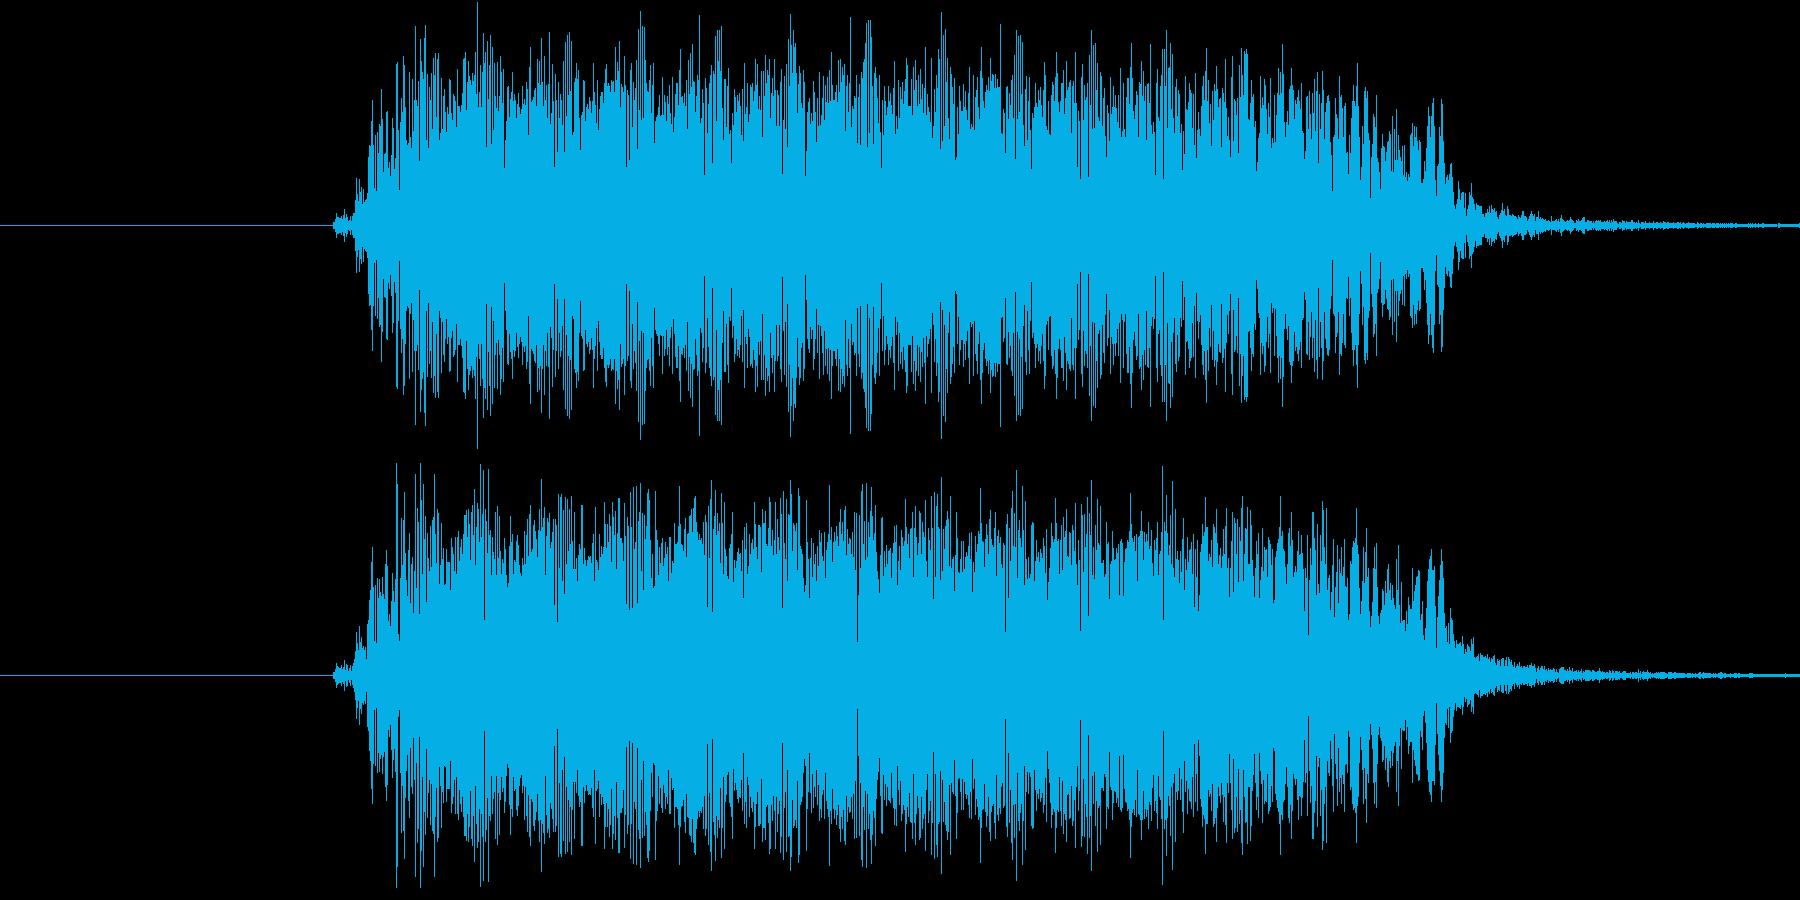 注意や警告っぽいシンセ音の再生済みの波形